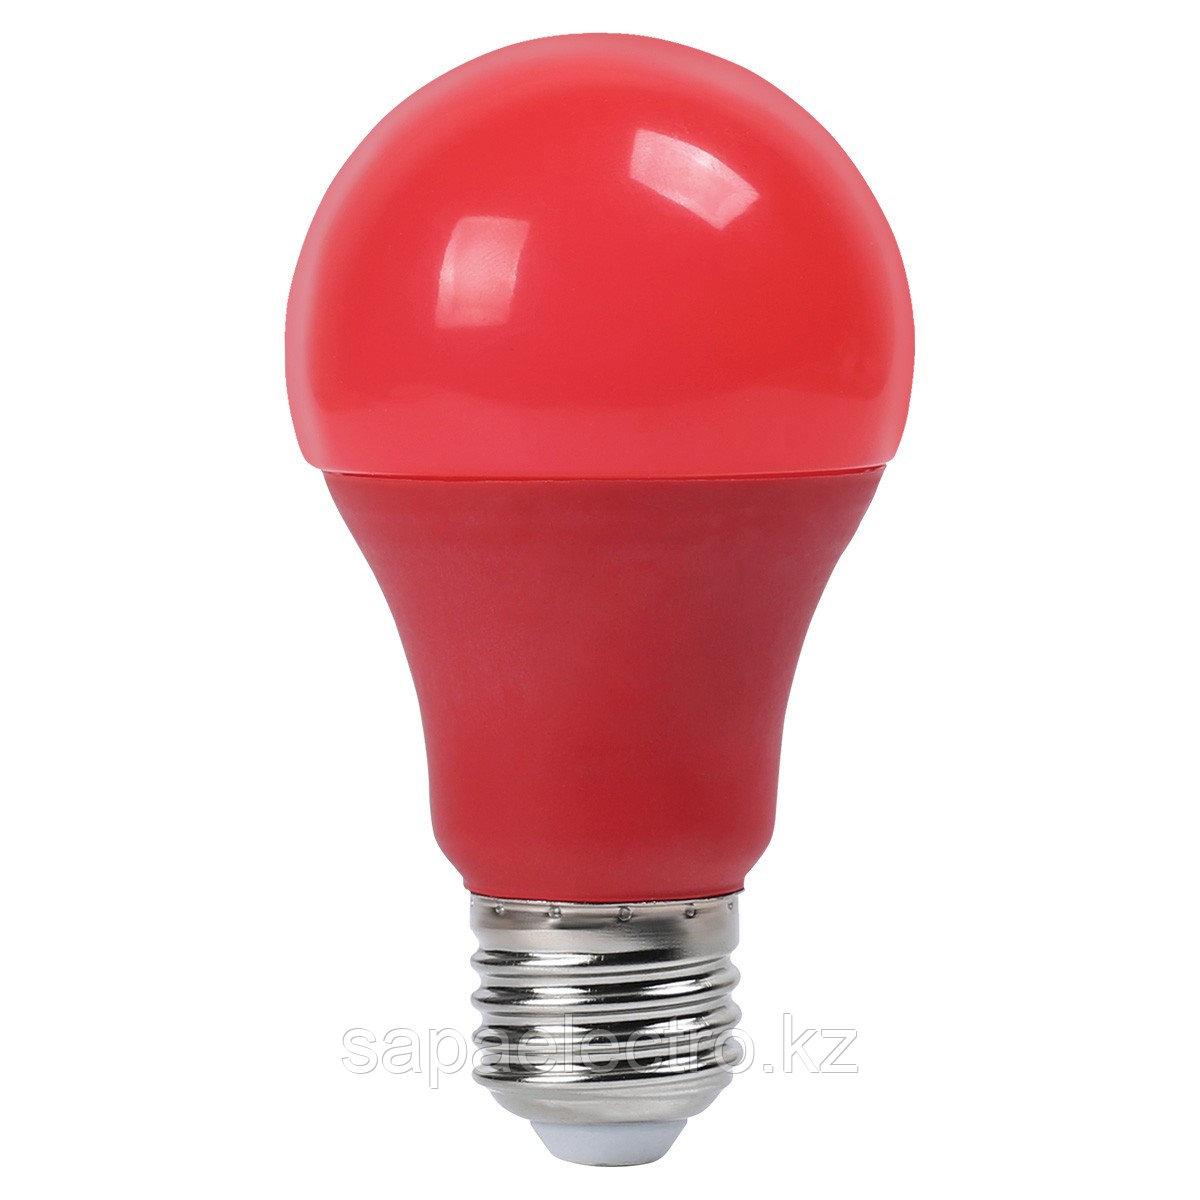 Lampa LED A60 9W NEW E27 RED 100-265V (TL) 100sht